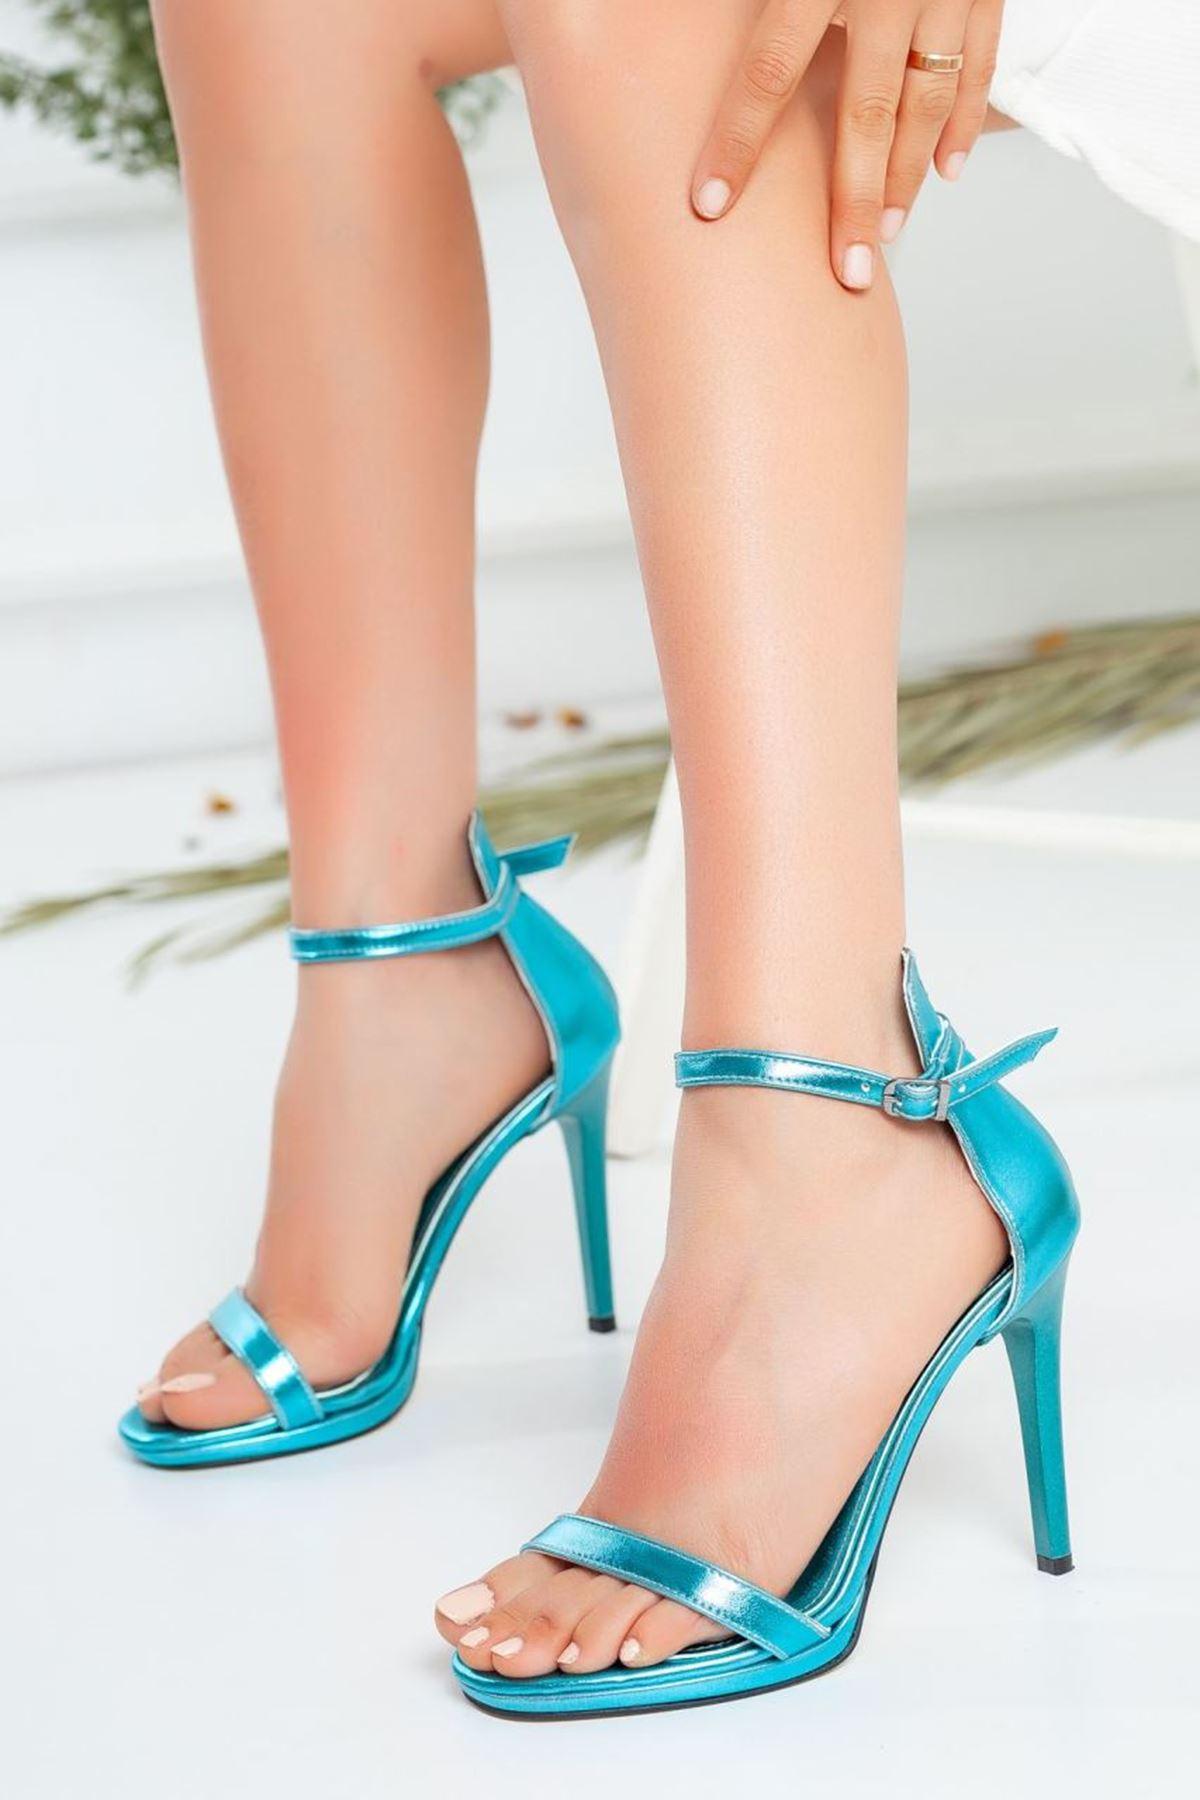 Kadın Natis Yüksek Topuklu Ayakkabı Metalik Mavi